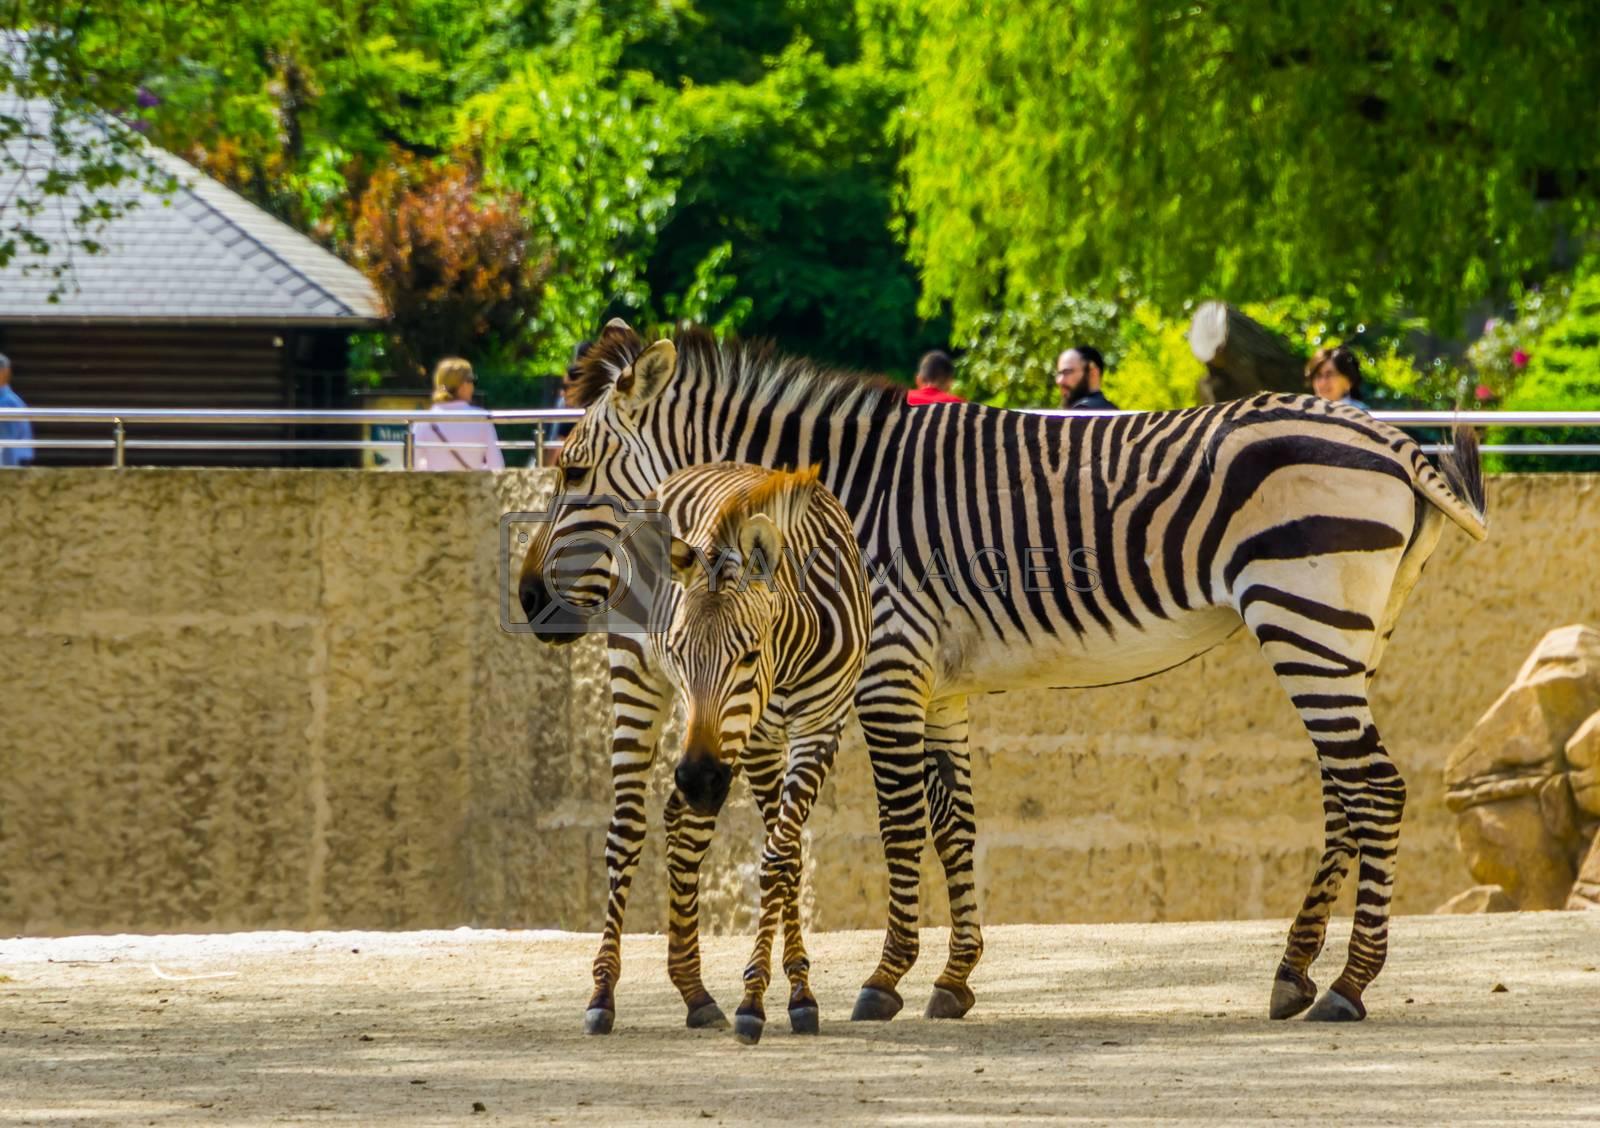 mother hartmann's zebra with foal in the animal zoo of antwerp, Antwerpen, Belgium, April 23, 2019